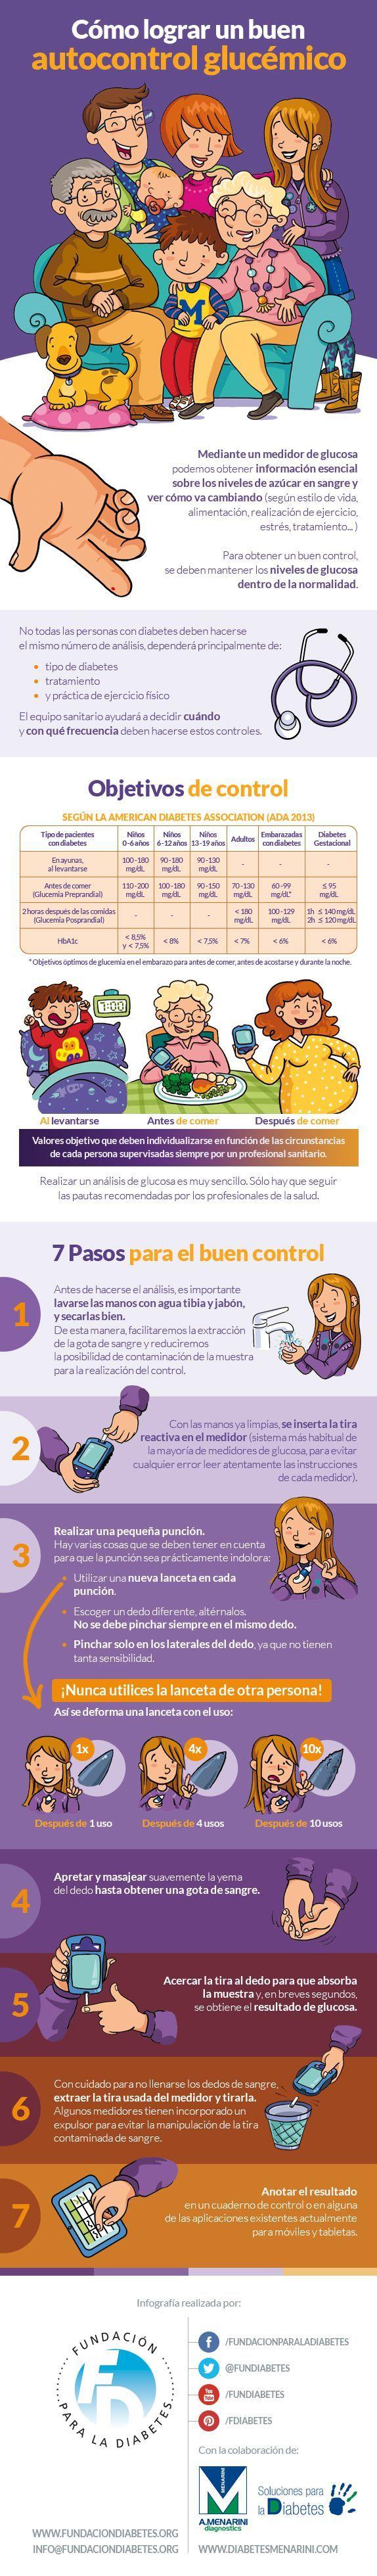 Infografía: Cómo lograr un buen autocontrol glucémico #diabetes #diabetic #insulin